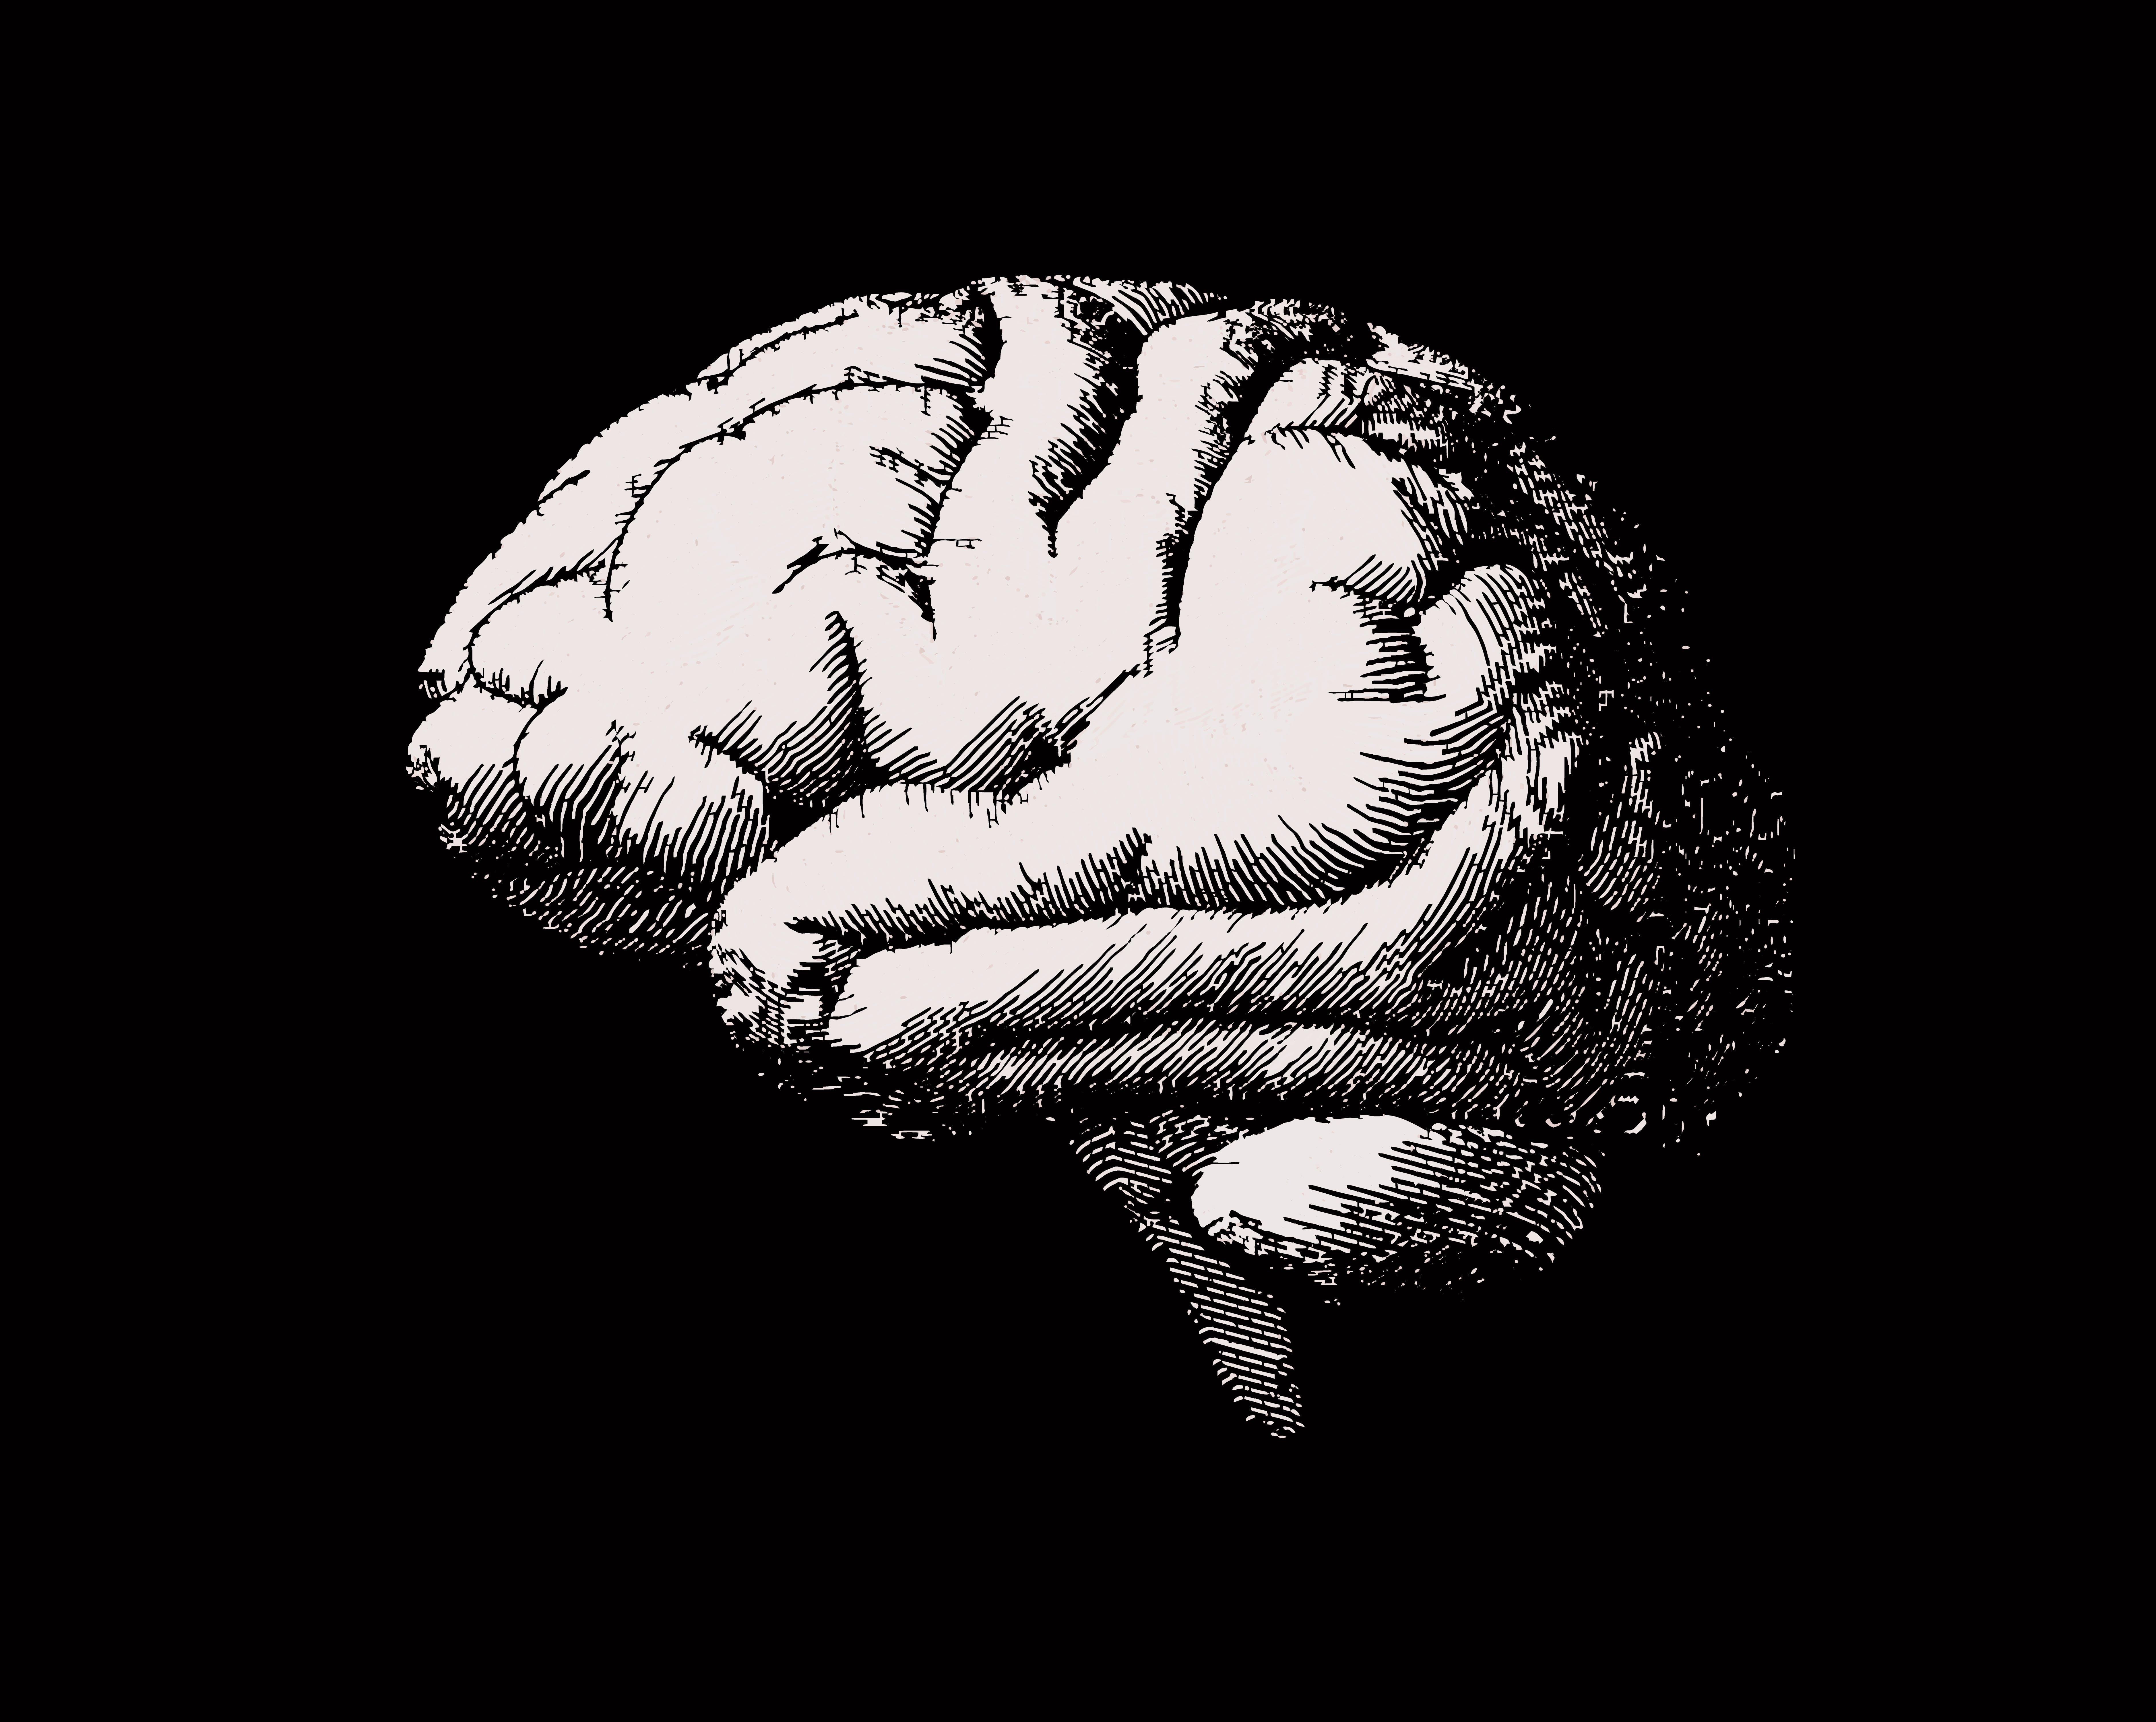 Engraving brain side view illustration on black BG